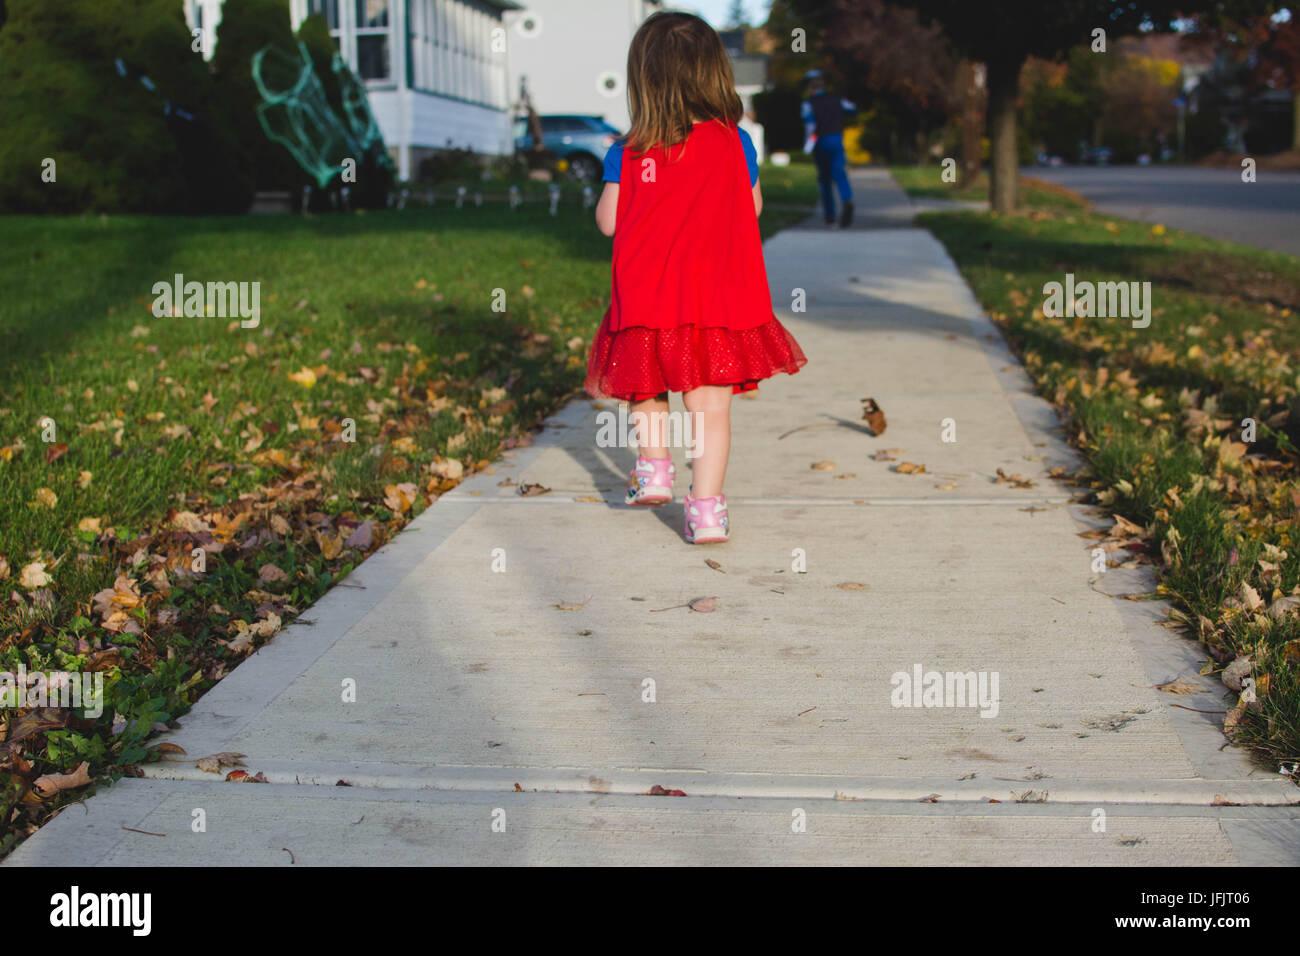 Ein junges Mädchen geht durch einen Gehweg von hinten bei Sonnenuntergang im Herbst tragen einen roten Umhang. Stockbild